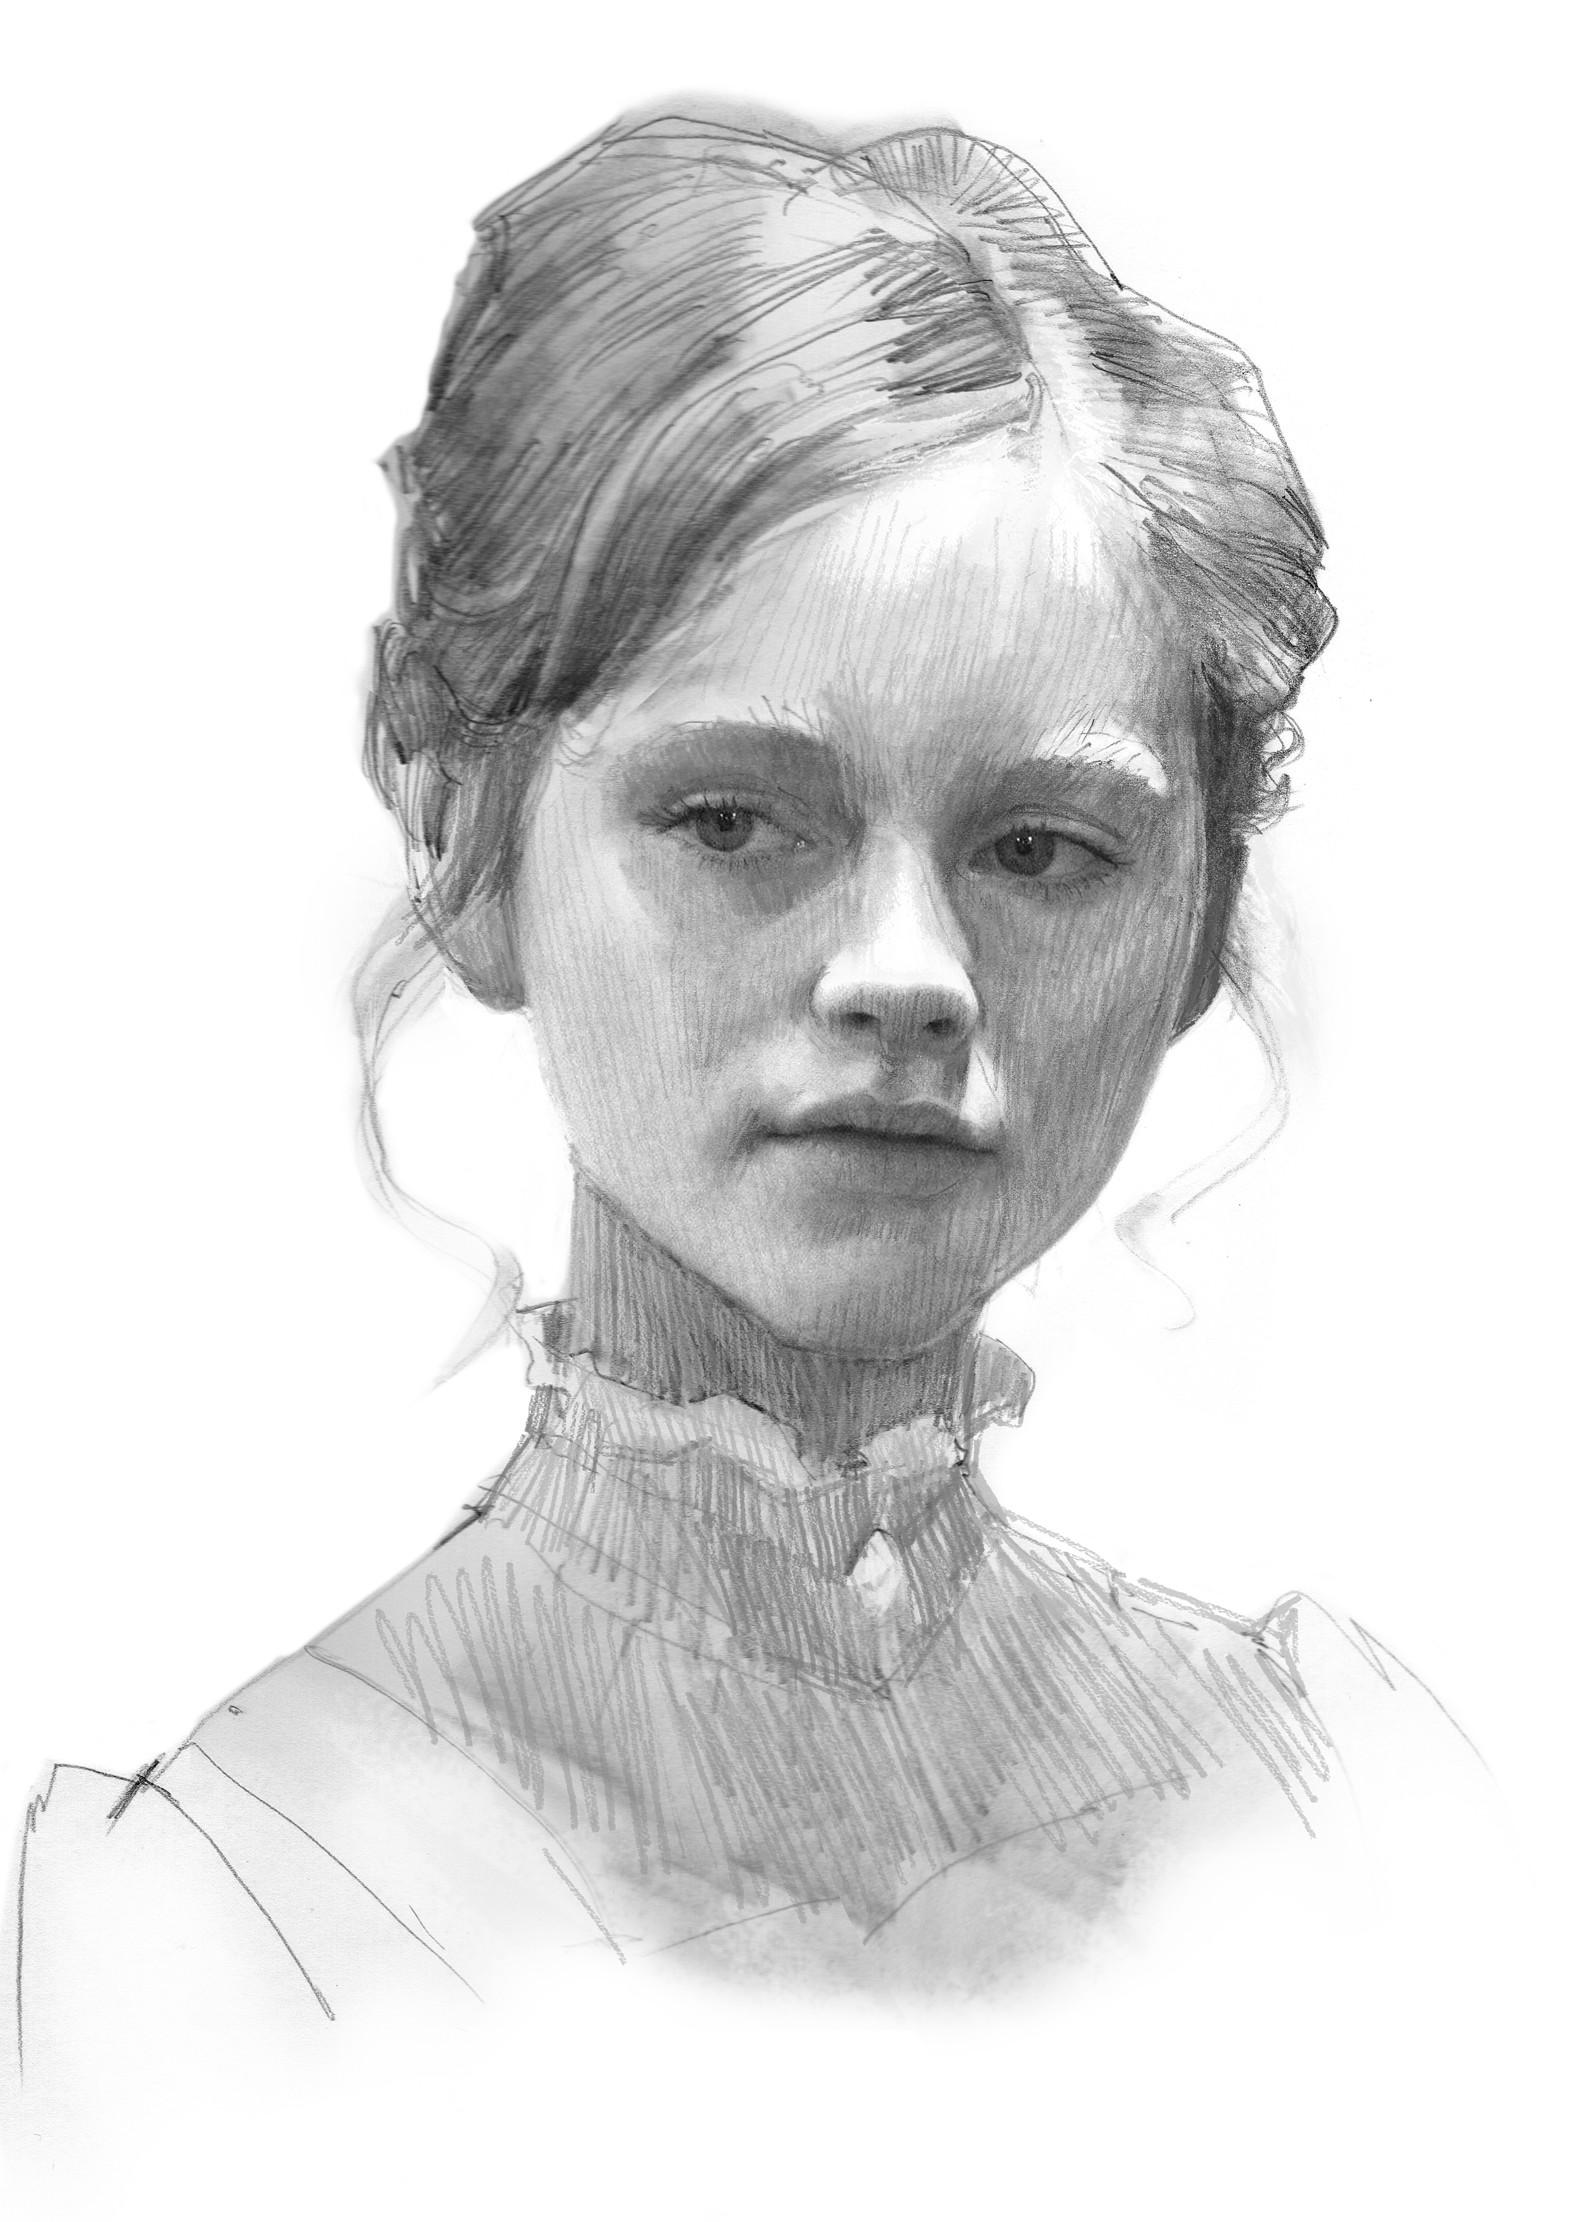 Andrei riabovitchev portrait 001